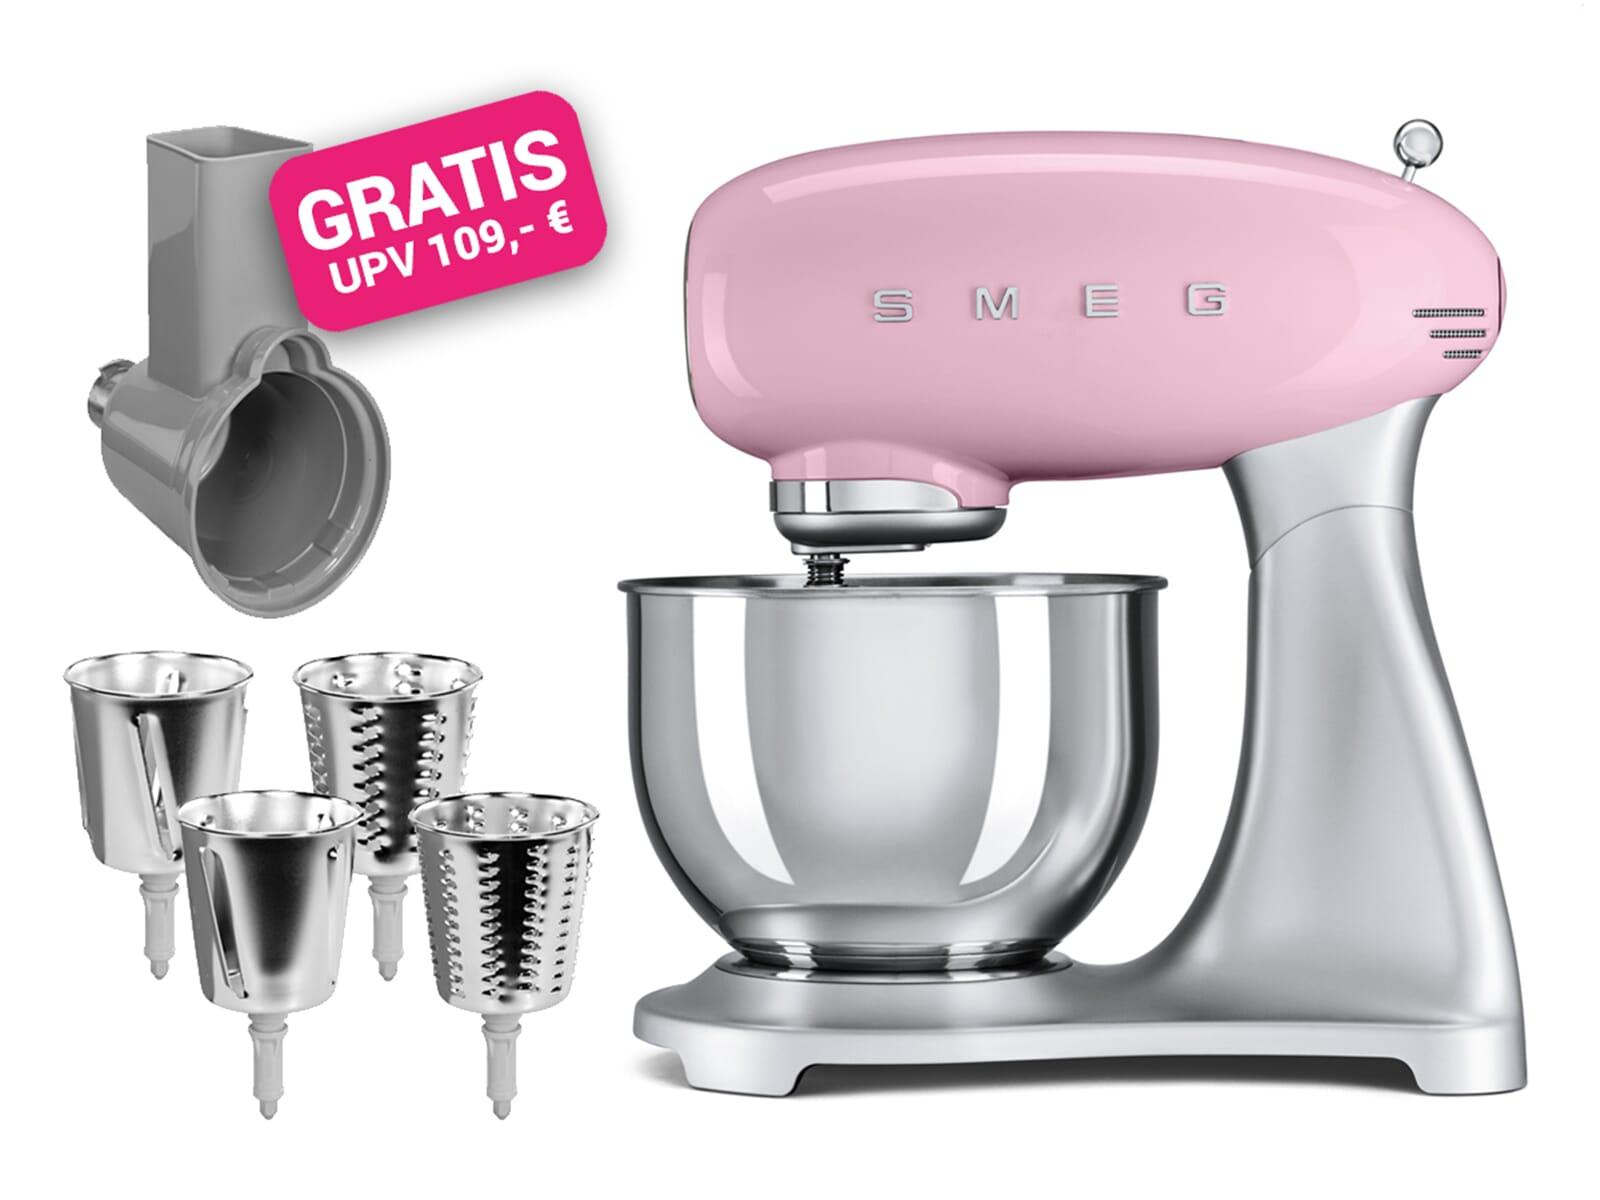 Küchenmaschine In Pink: Electrolux küchenmaschine ekm pink.